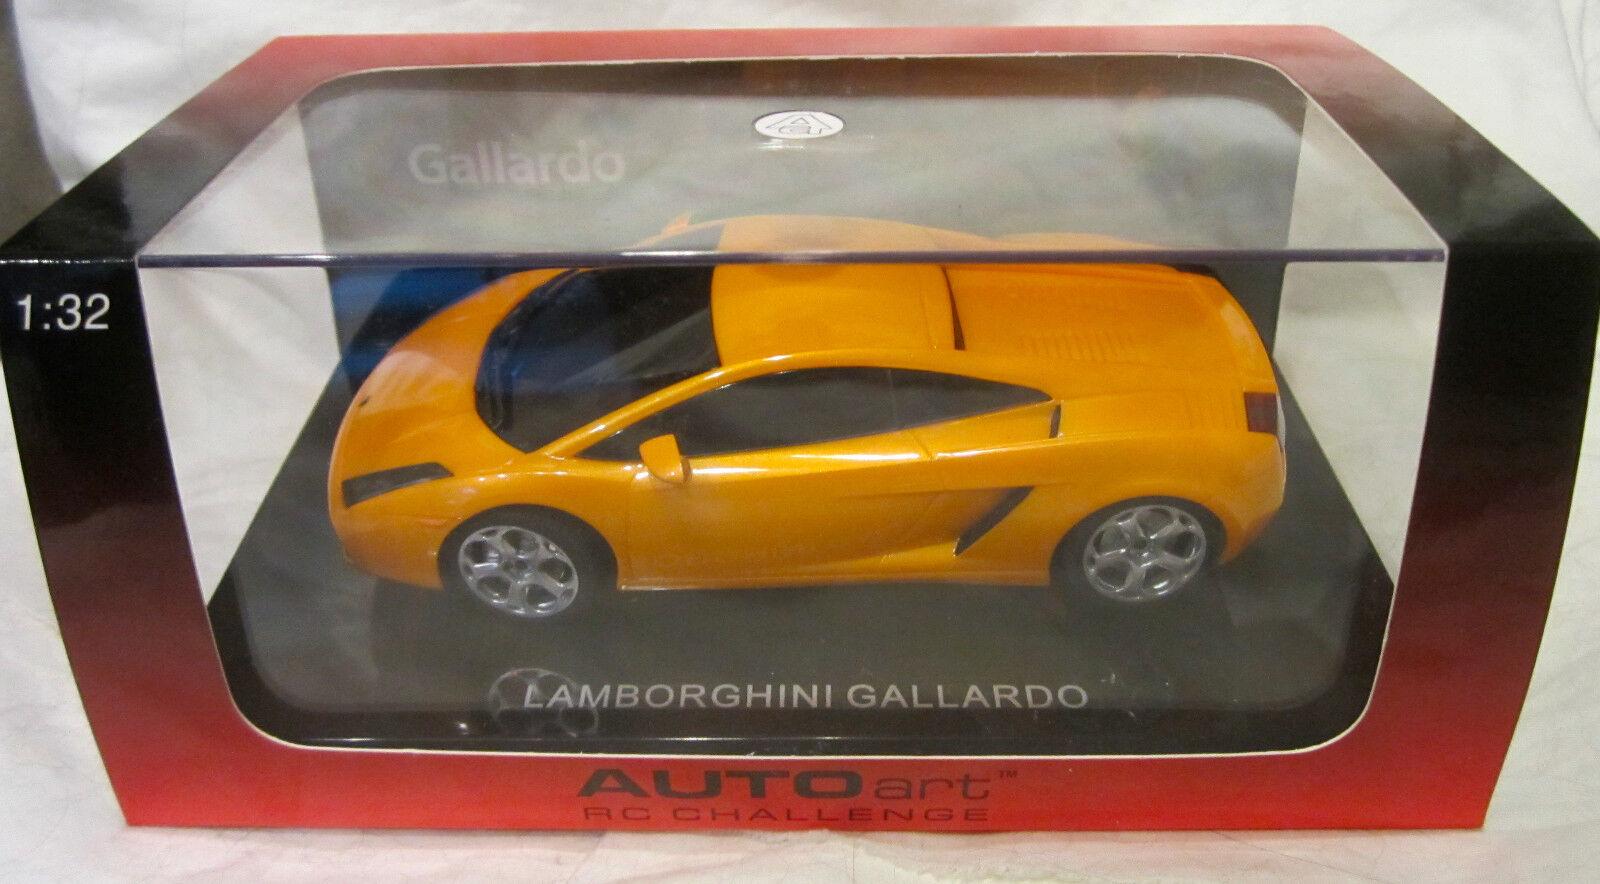 LAMBORGHINI GALLARDO, orange - Auto Art RC Challenge - 1 32 Scale Die Cast Car